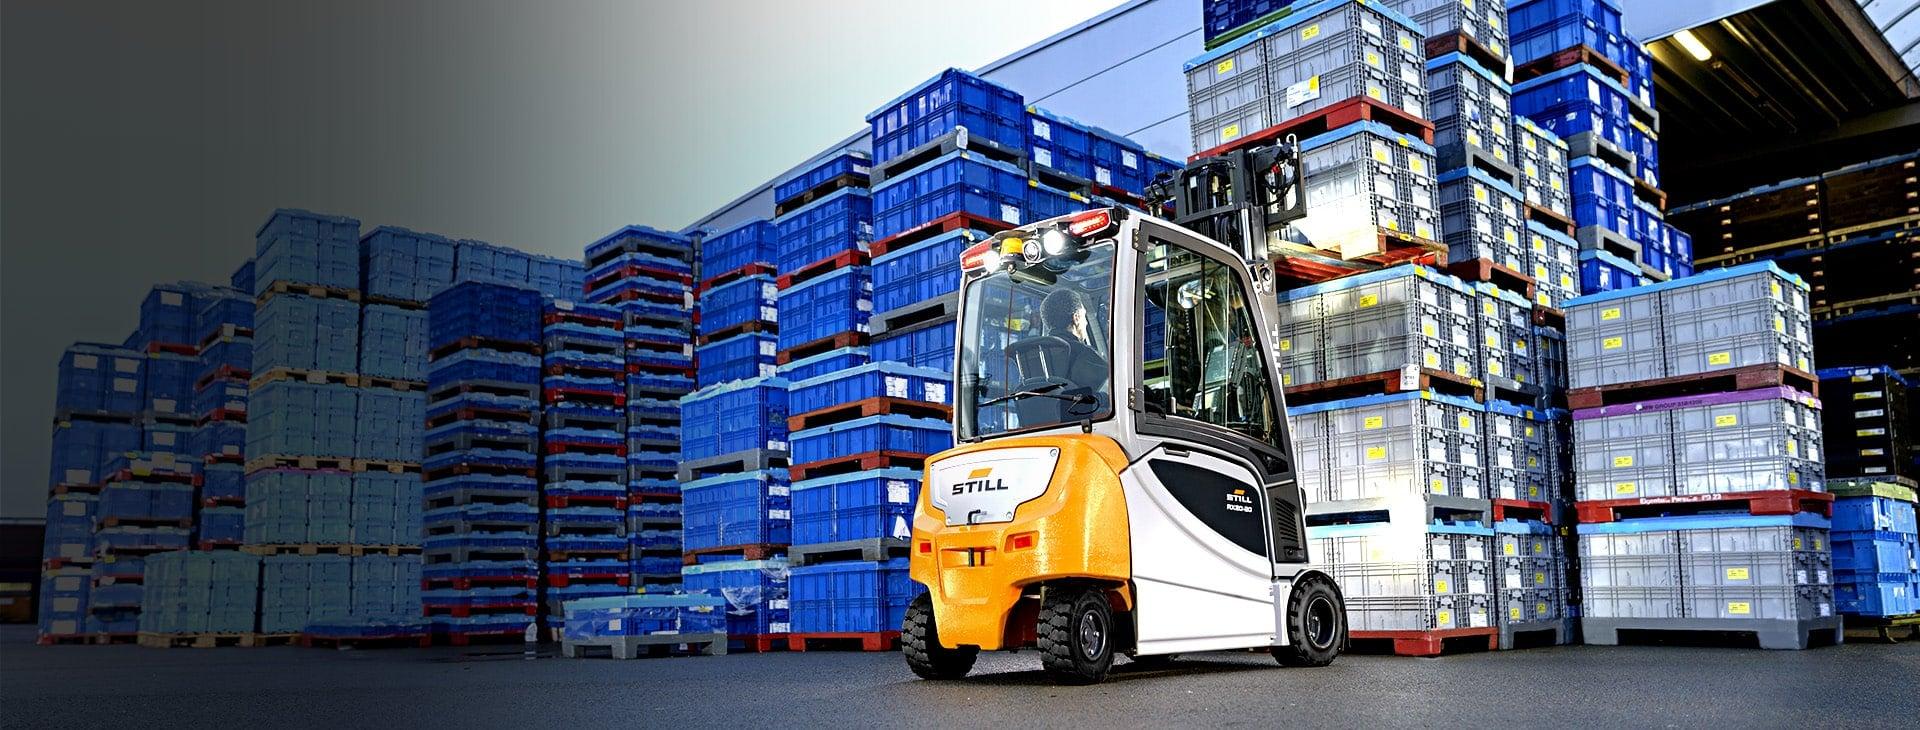 forklift-truck-4